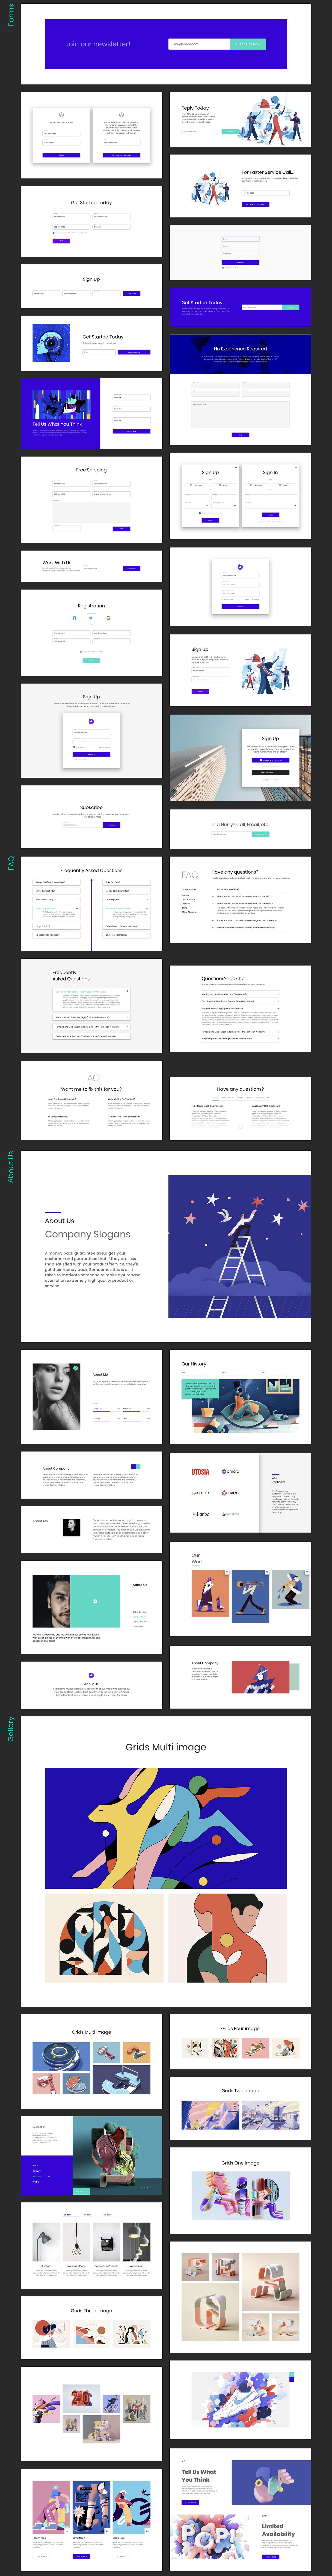 Ataman UI Kit - Templates For Website [Figma] - 8